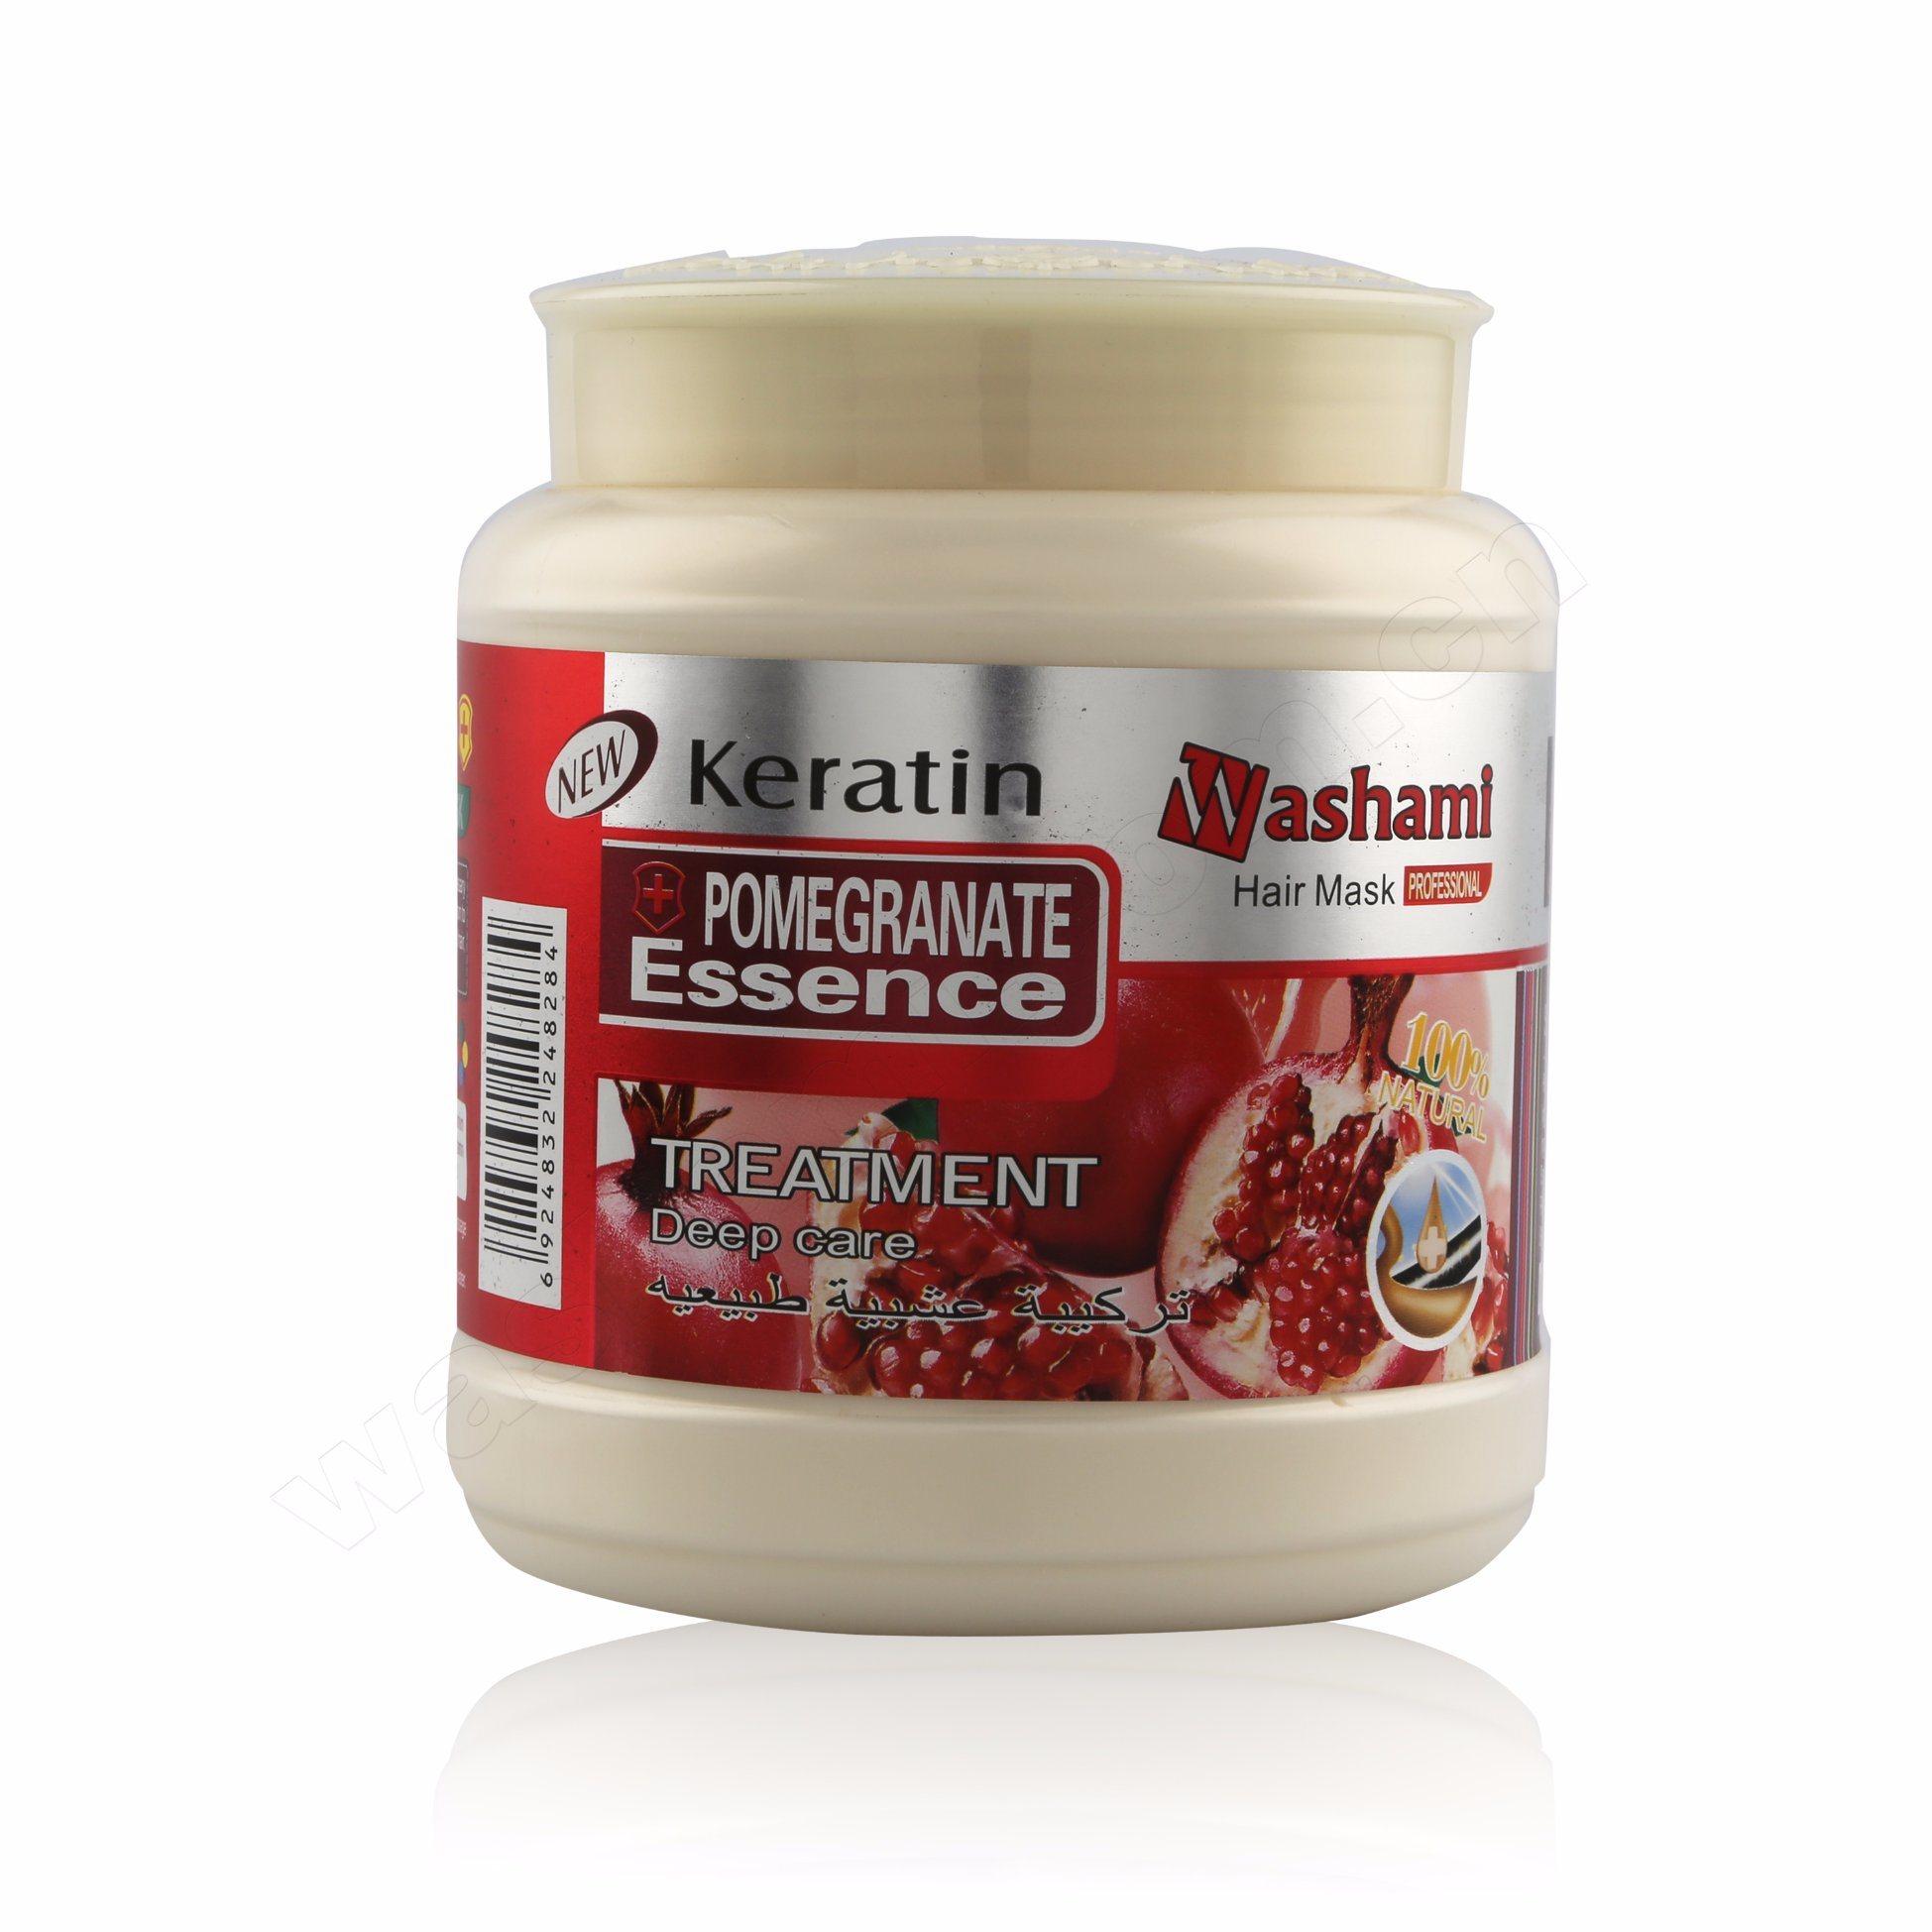 Washami 1000g Natural Hair Mask, Keratin Treatment